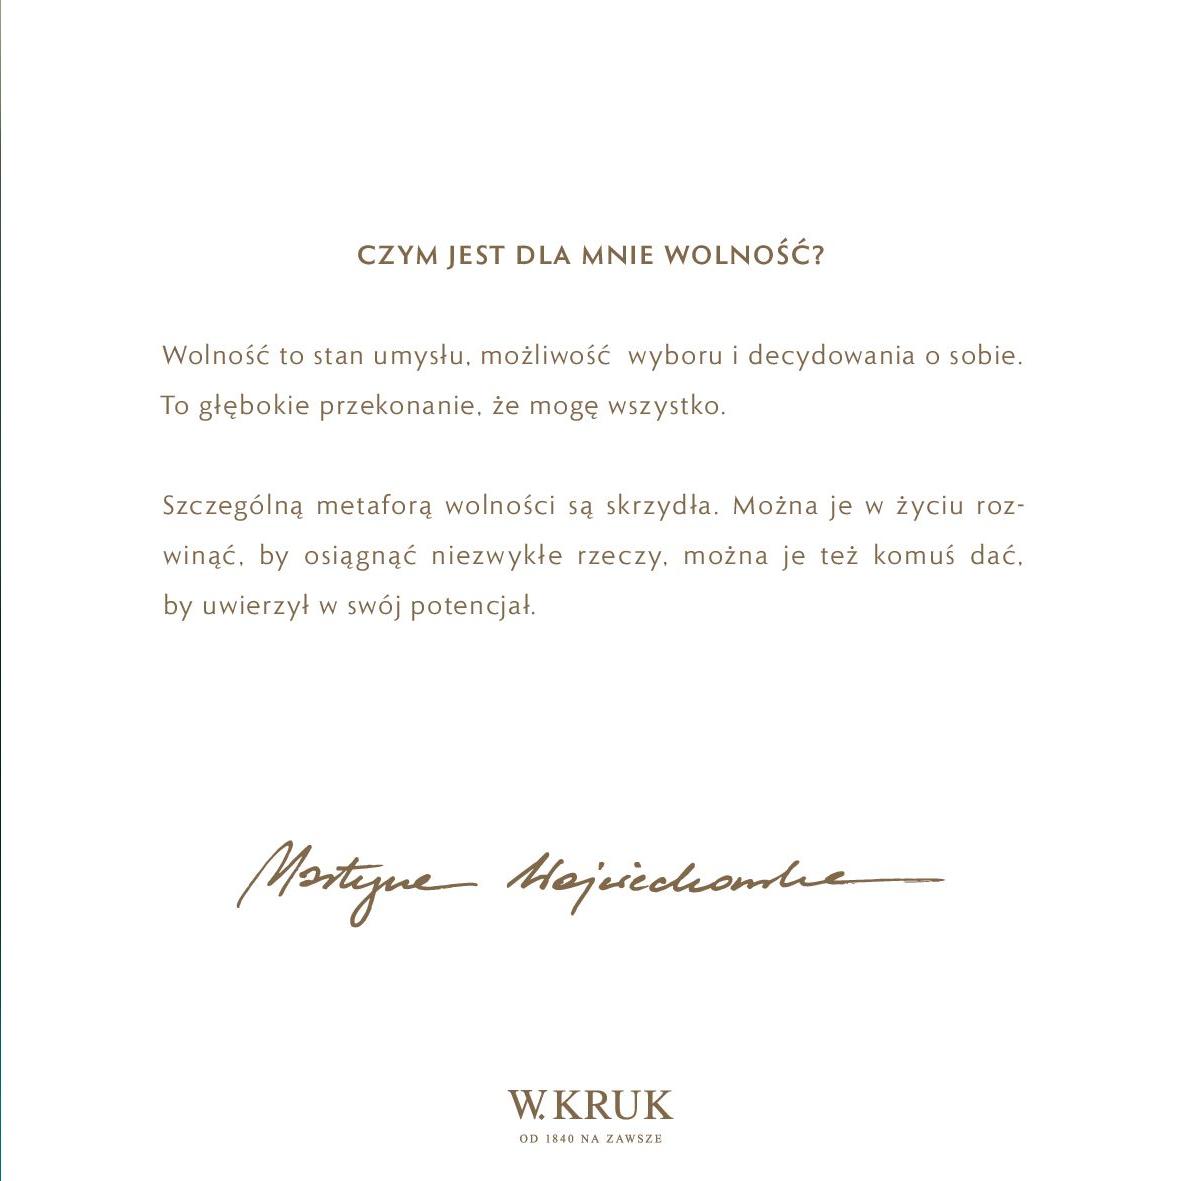 Gazetka W. KRUK: Katalog - Kolekcja Freedom 2021-02-17 page-5